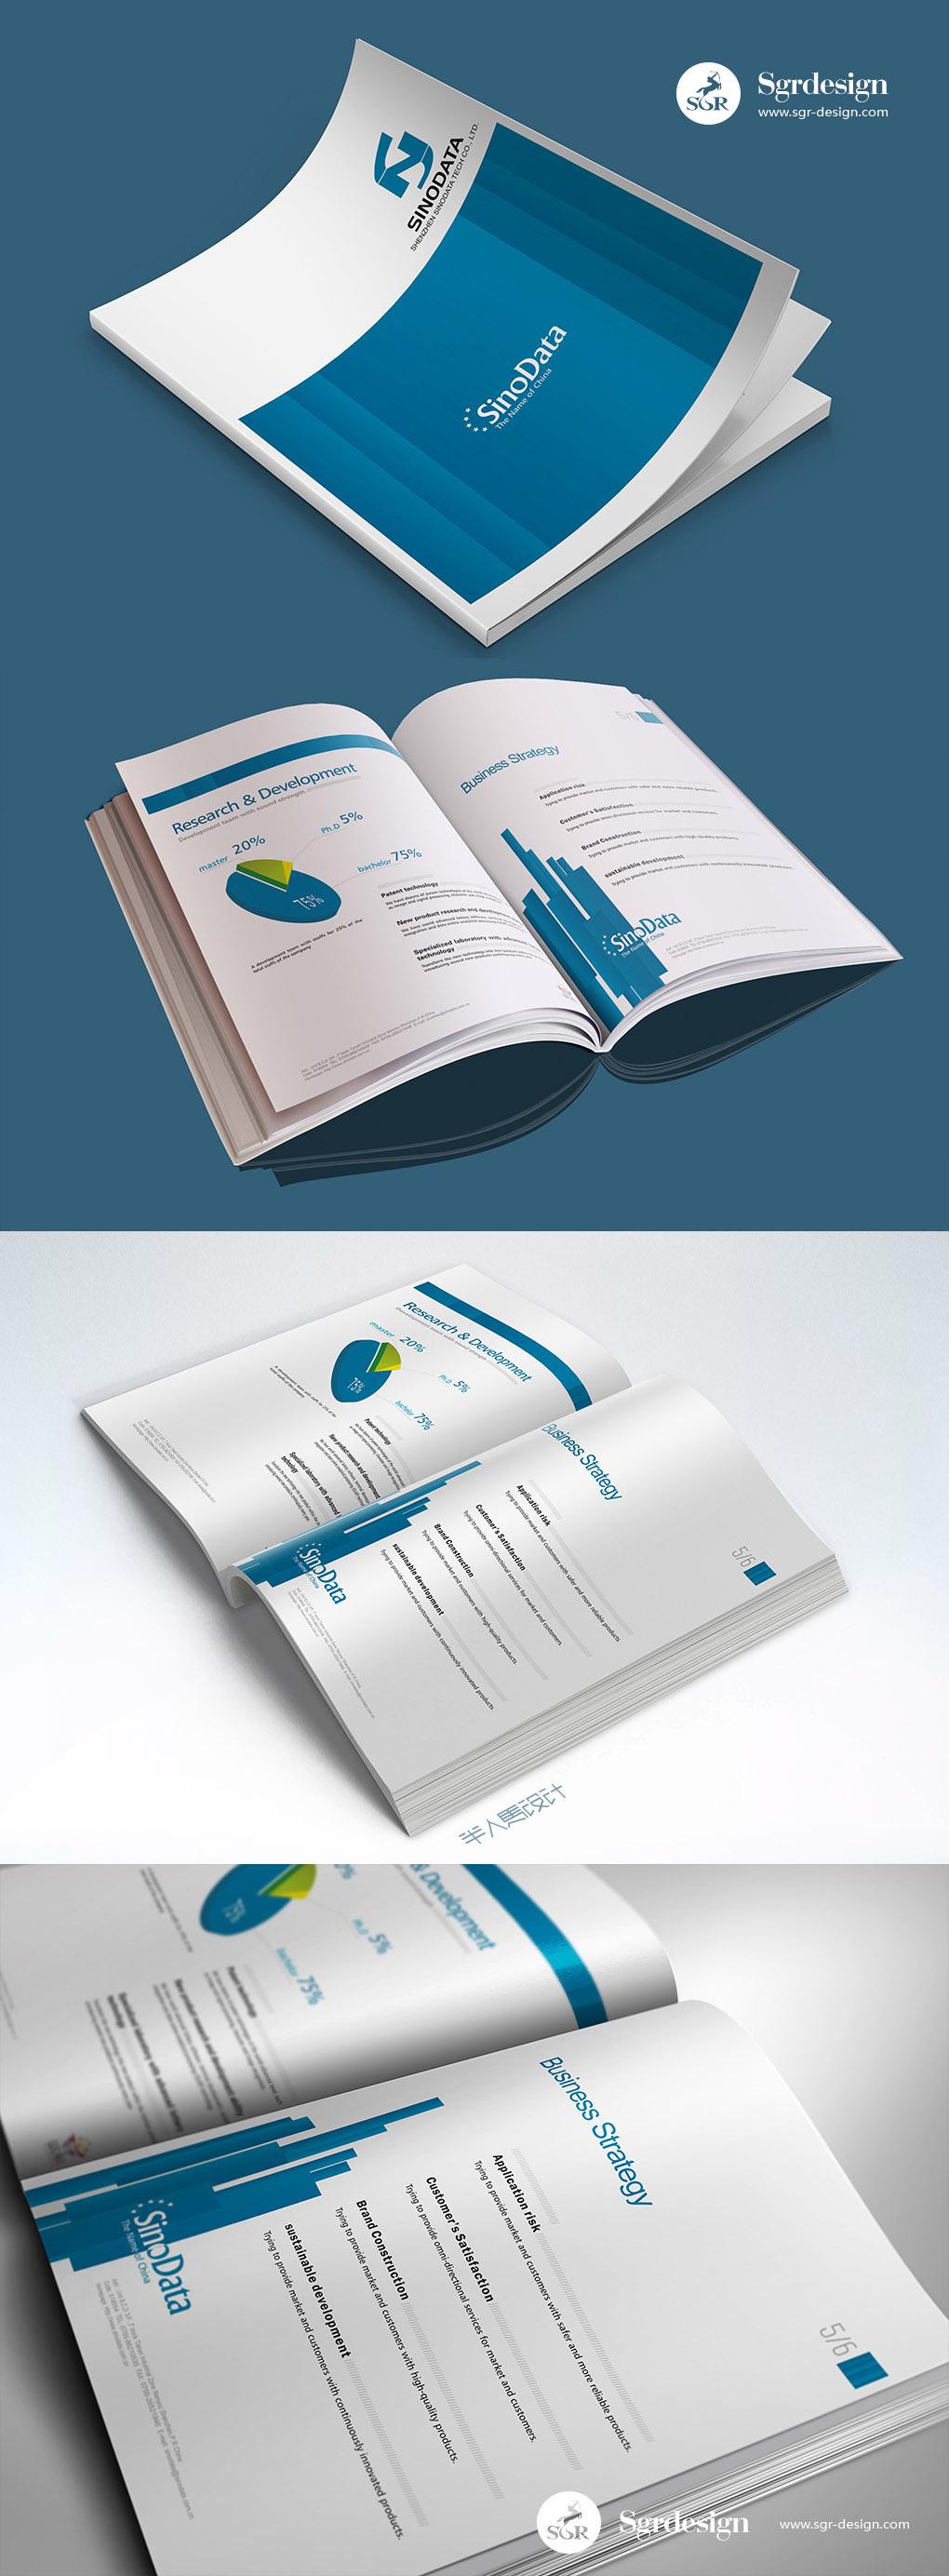 design Catalogue print SGR brochures 画册 宣传册 品牌 设计